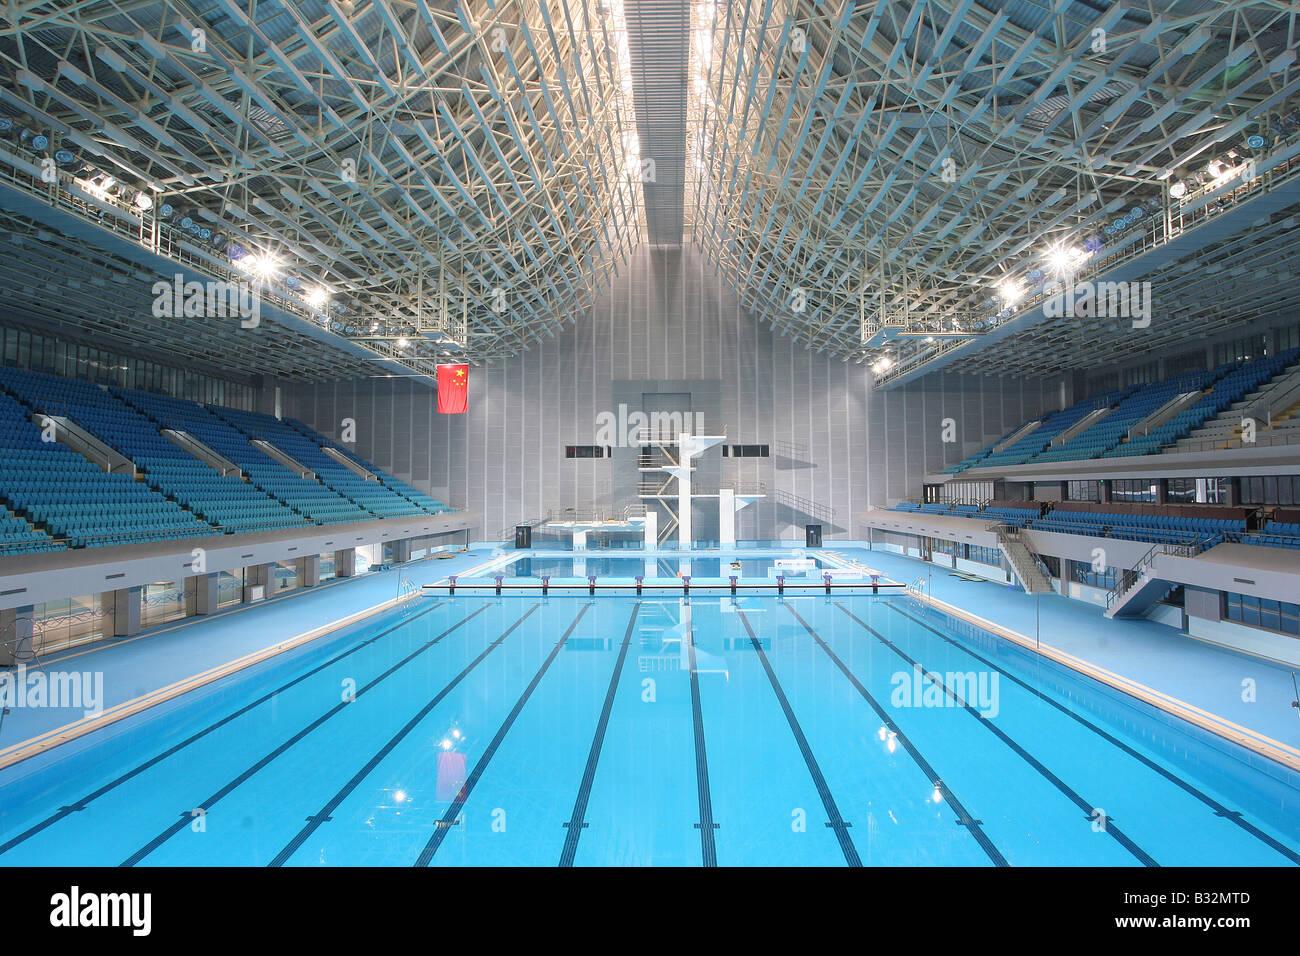 Yingdong natatorium of National Olympic Sports Center - Stock Image